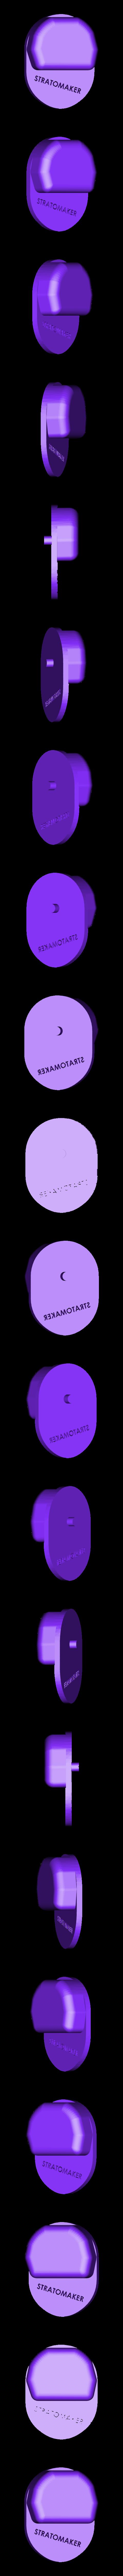 casquette strato.STL Download free STL file Mr Patato STRATOMAKER • 3D printing object, boyery